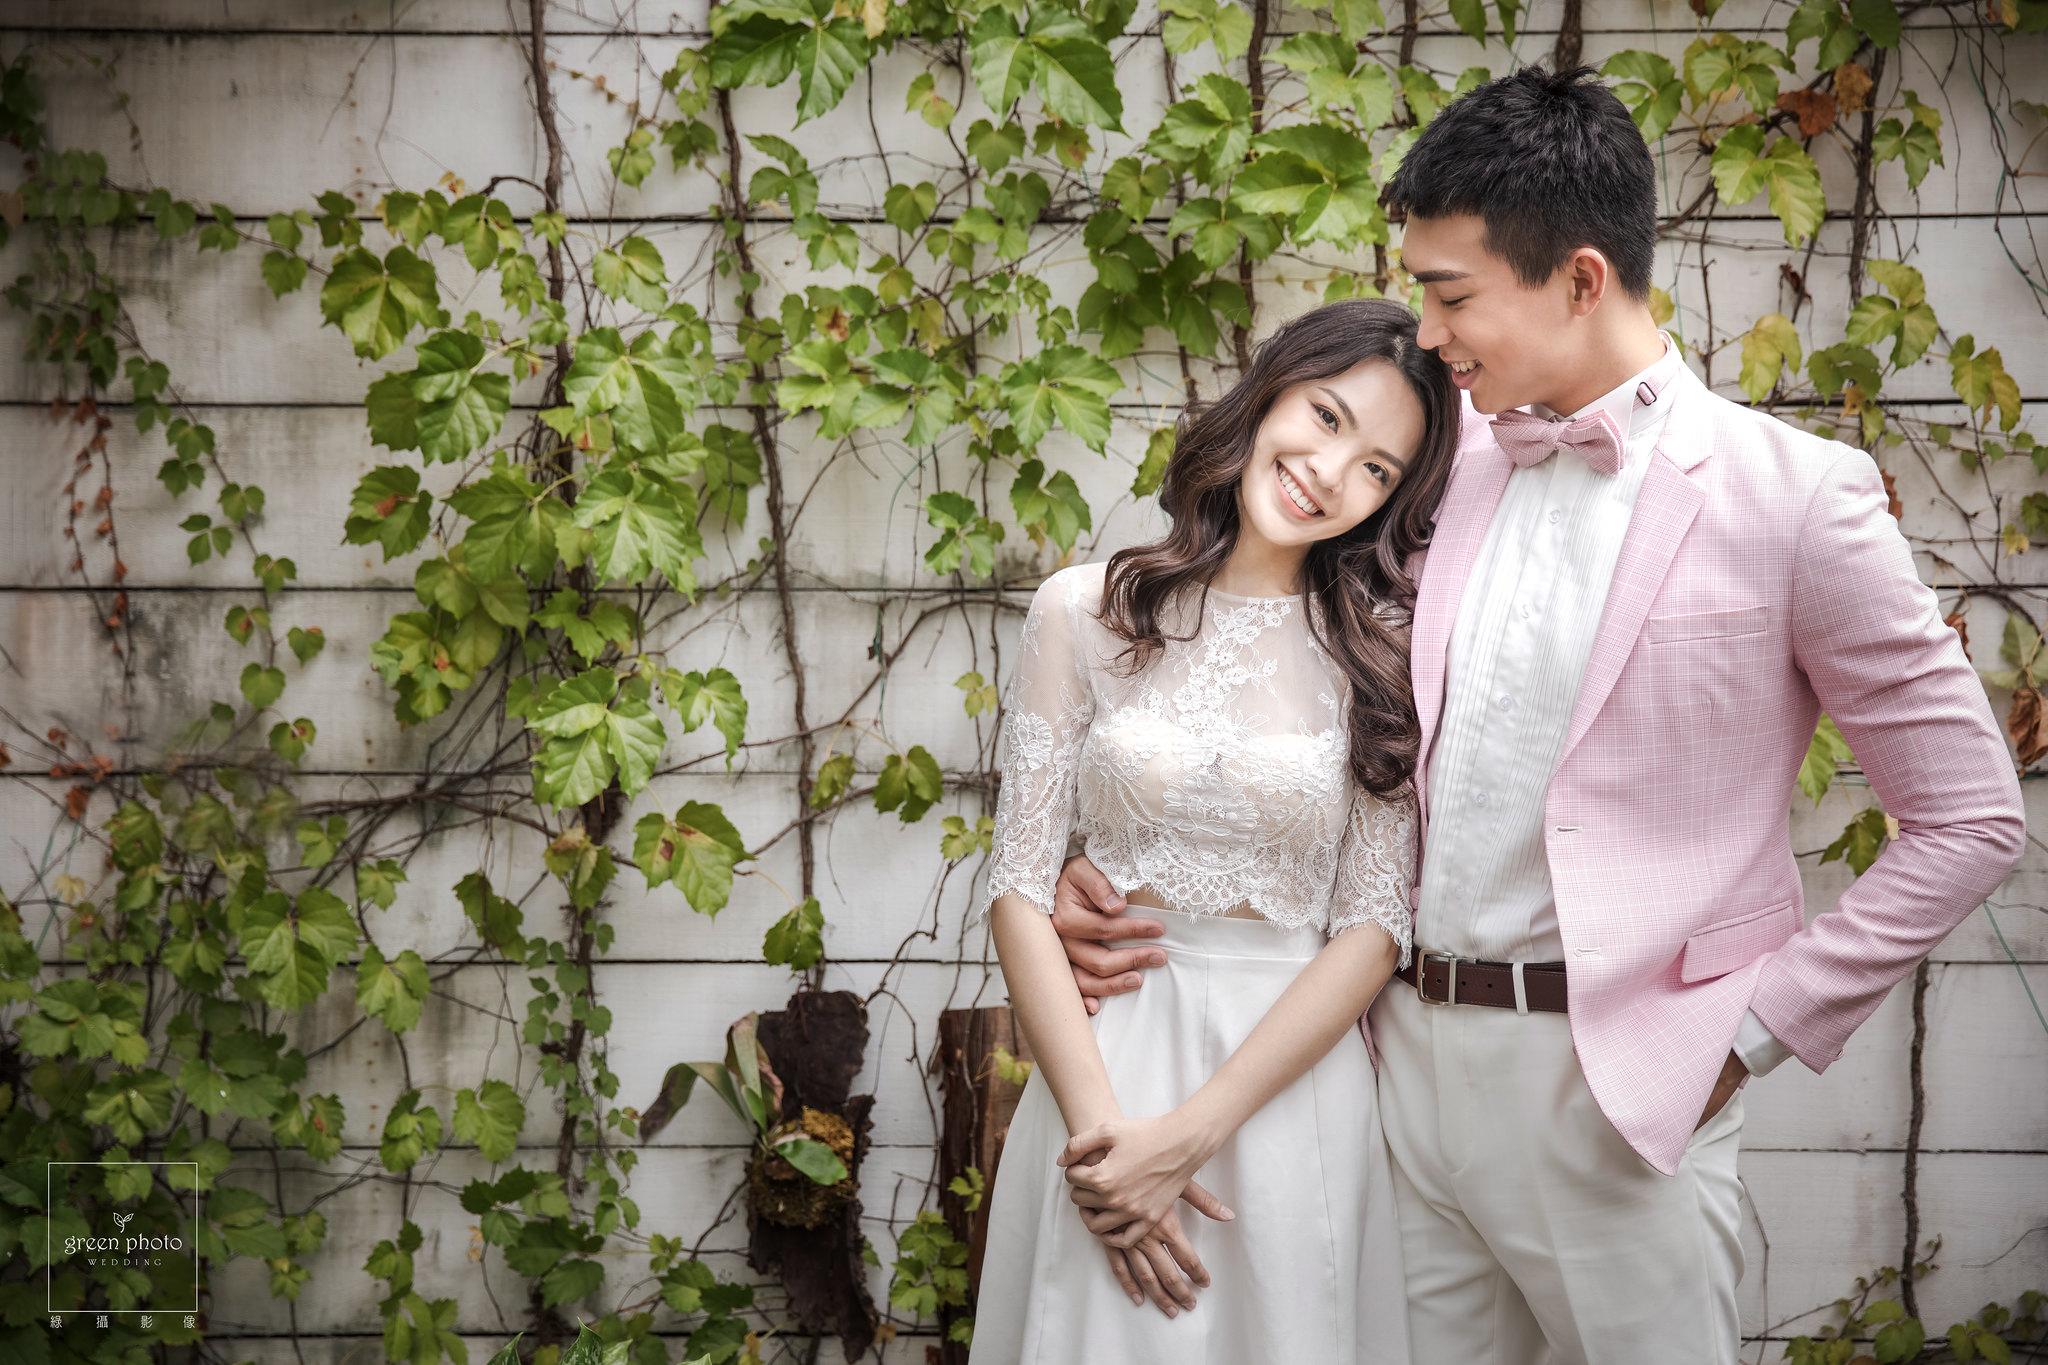 婚紗攝影|台北婚紗|運動婚紗